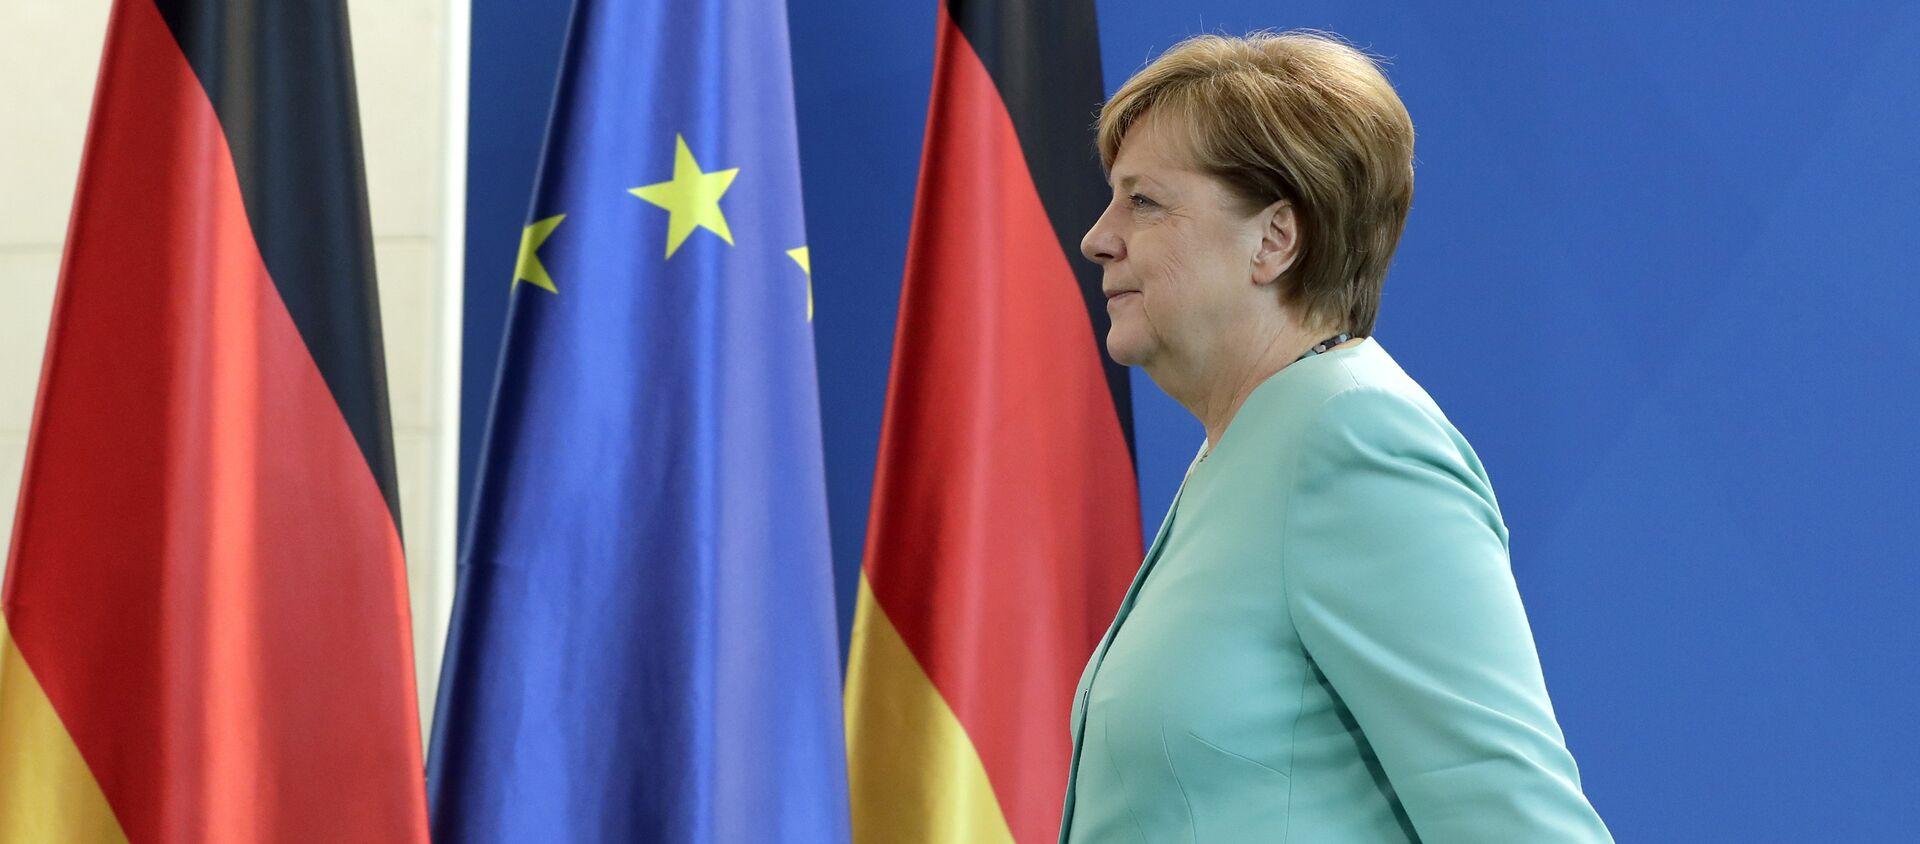 Angela Merkel, canciller de Alemania - Sputnik Mundo, 1920, 02.03.2018